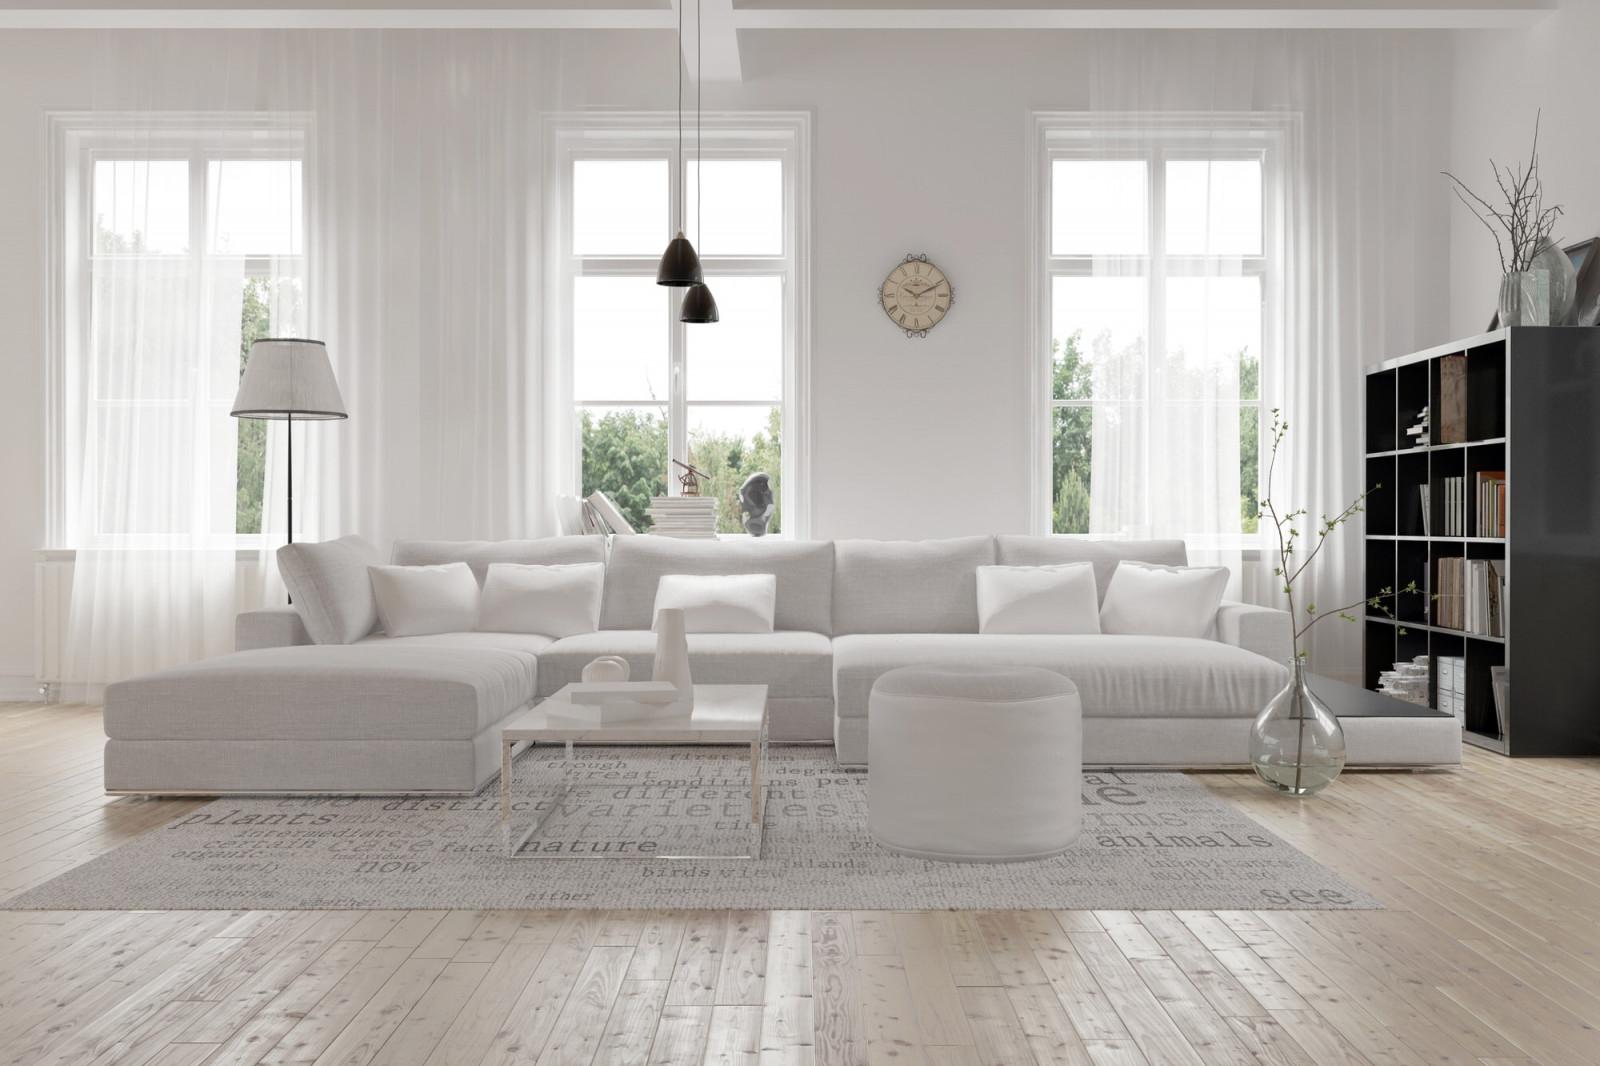 Große Räume Einrichten Und Gestalten – So Geht's  Heimhelden von Quadratisches Wohnzimmer Einrichten Photo